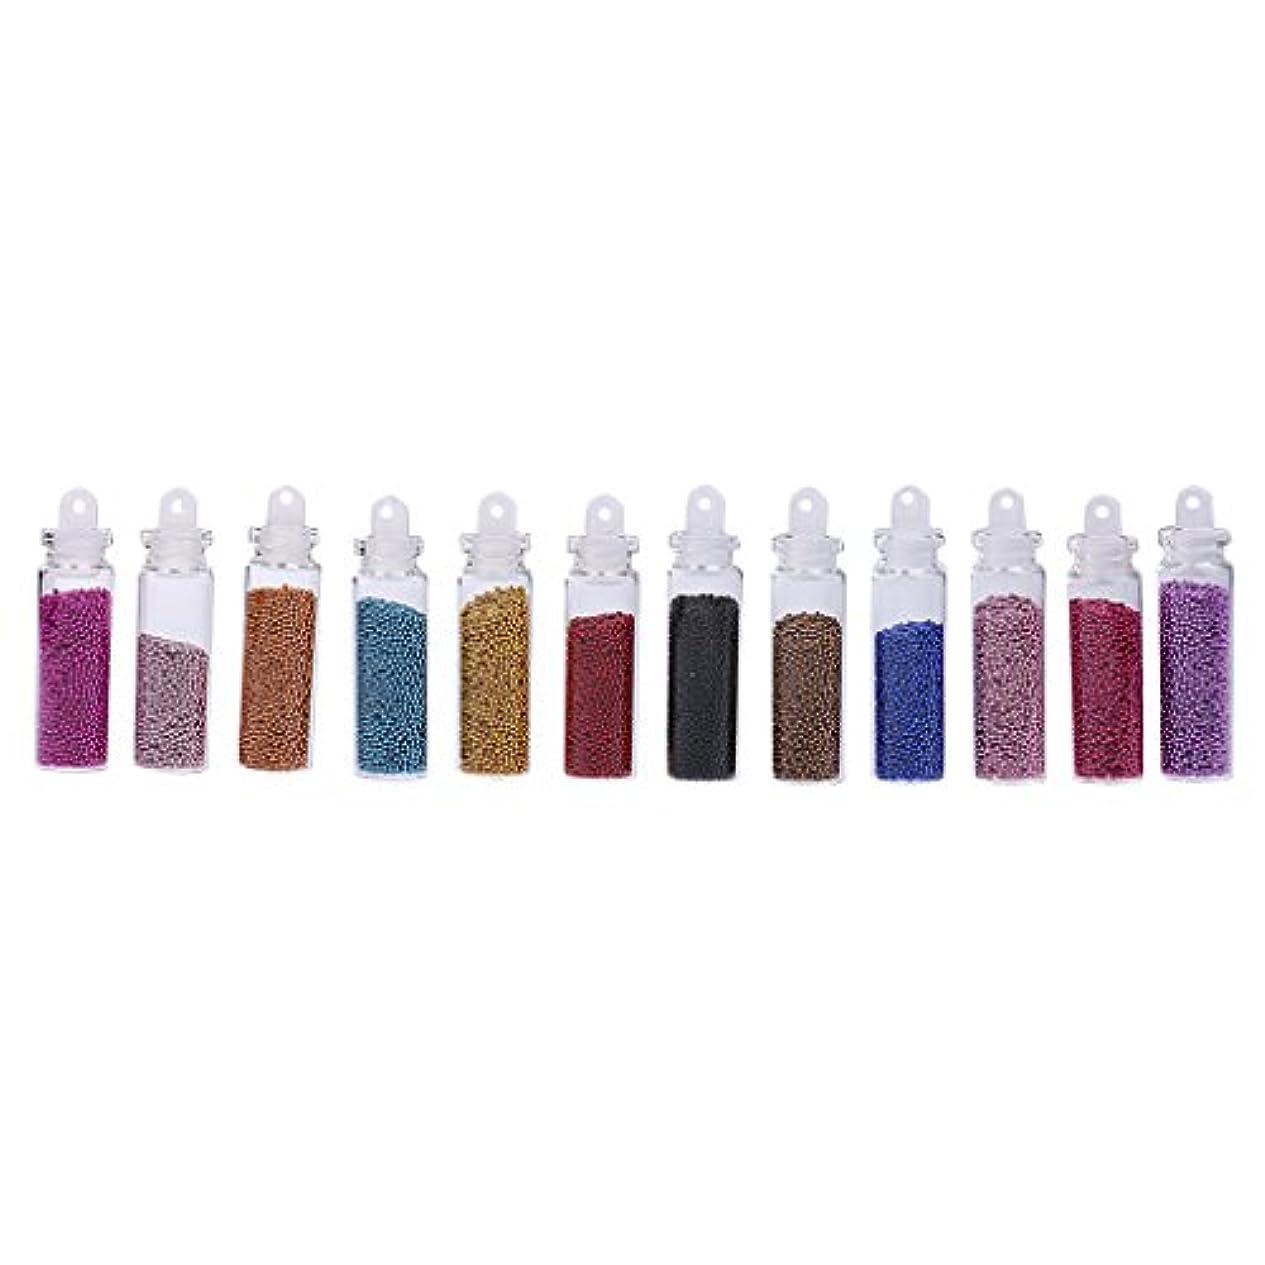 ジャングル特定のカートンdailymall 12ボトルアクリルミニキャビアネイルアートデコレーションビーズ、マイクロビーズ、ネイルケア用、染色済み、穴なし、12色、約1mm、スクラップブッキング、ウェディングネイルアートデコレーション